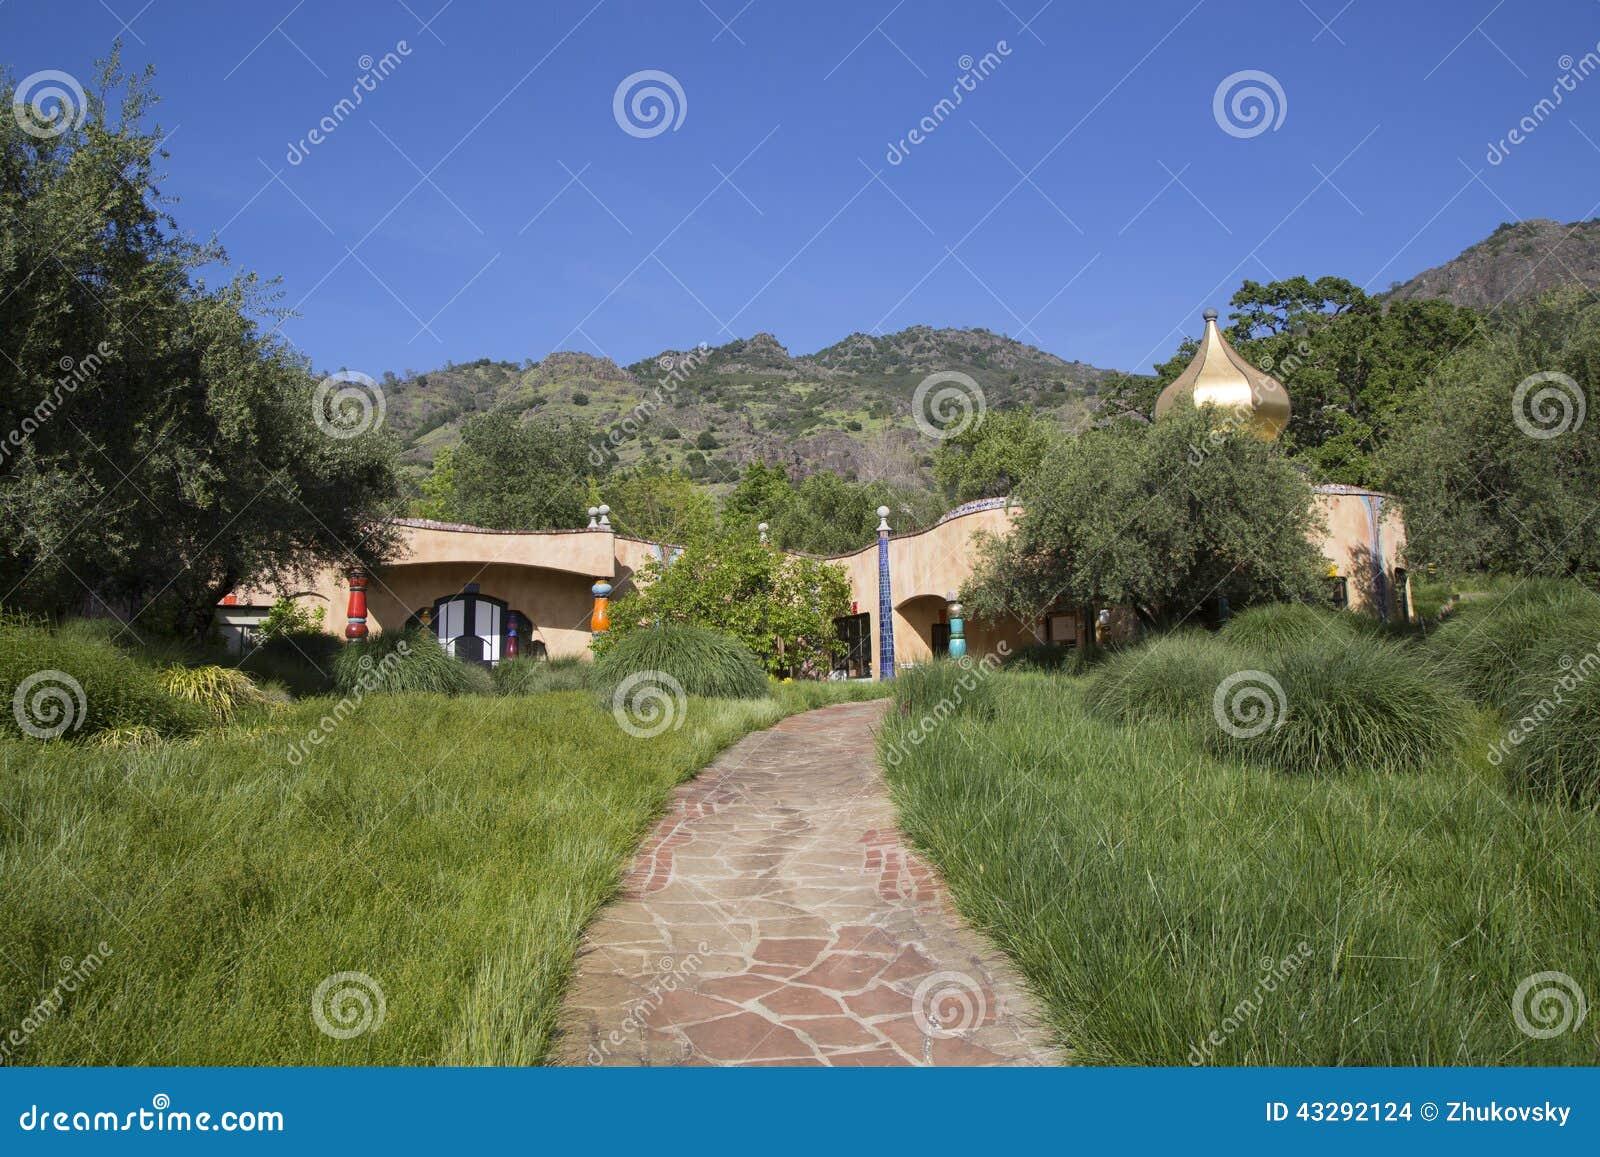 Donkiszot wytwórnia win w Napy dolinie budował Wiedeńskim architektem Friedensreich Hundertwasser